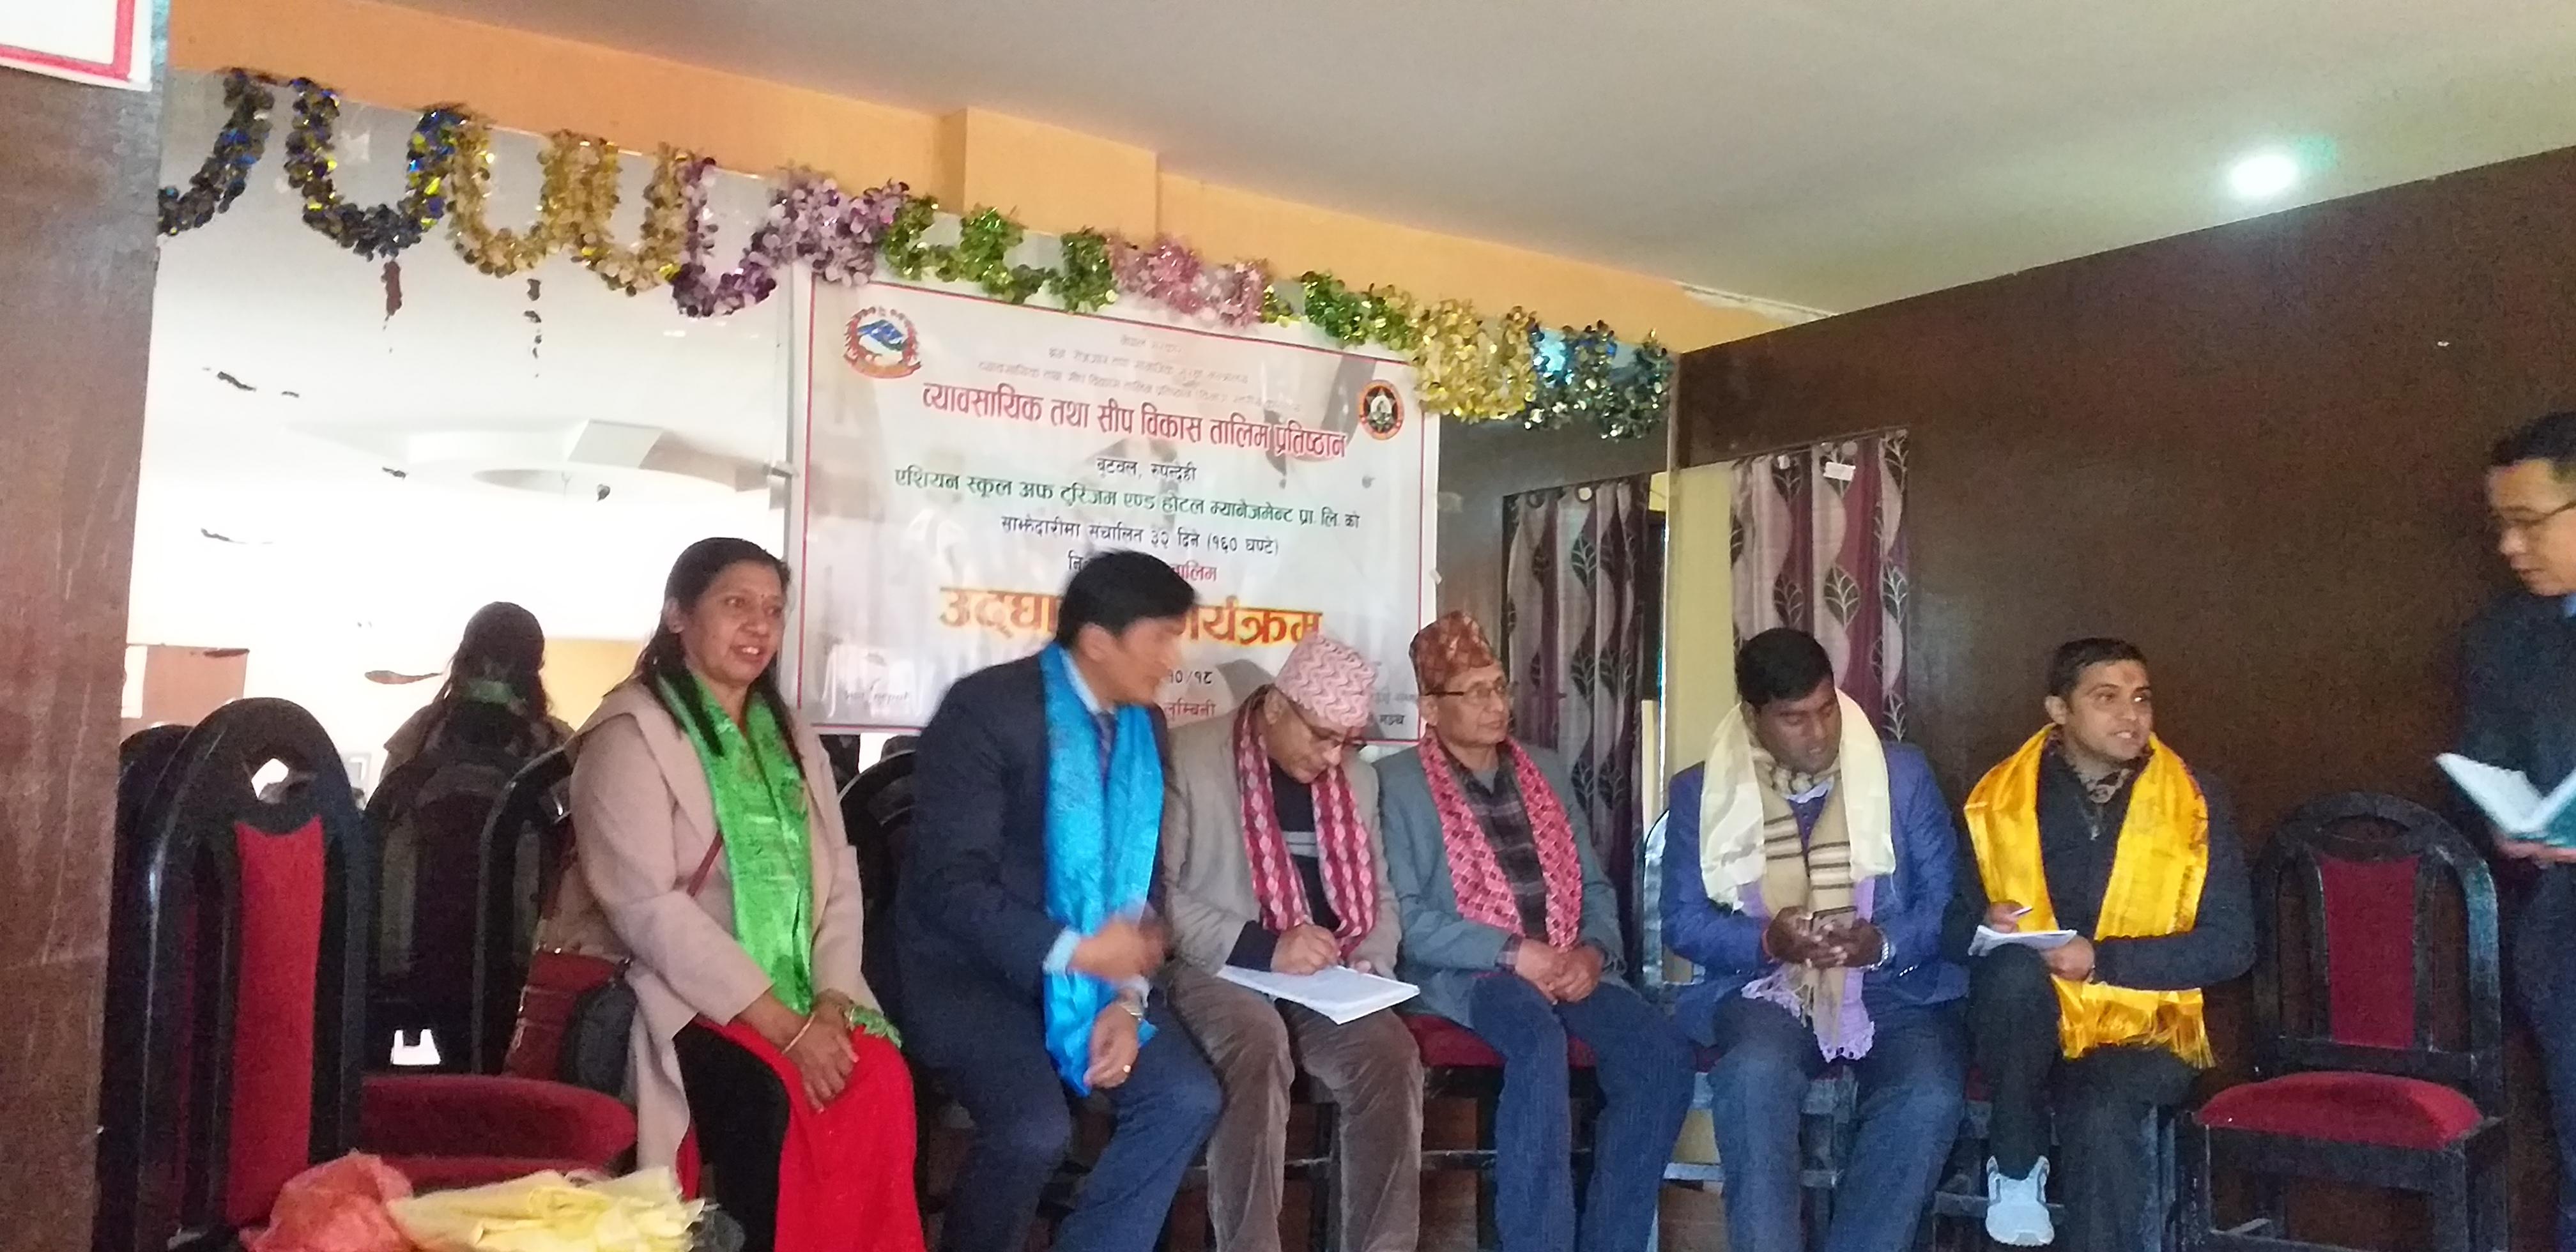 लुम्बिनी रुपन्देहीमा सन्चालित ३२ दिने कुक तालिमको उद्घाटन कार्यक्रमका तस्बिरहरु